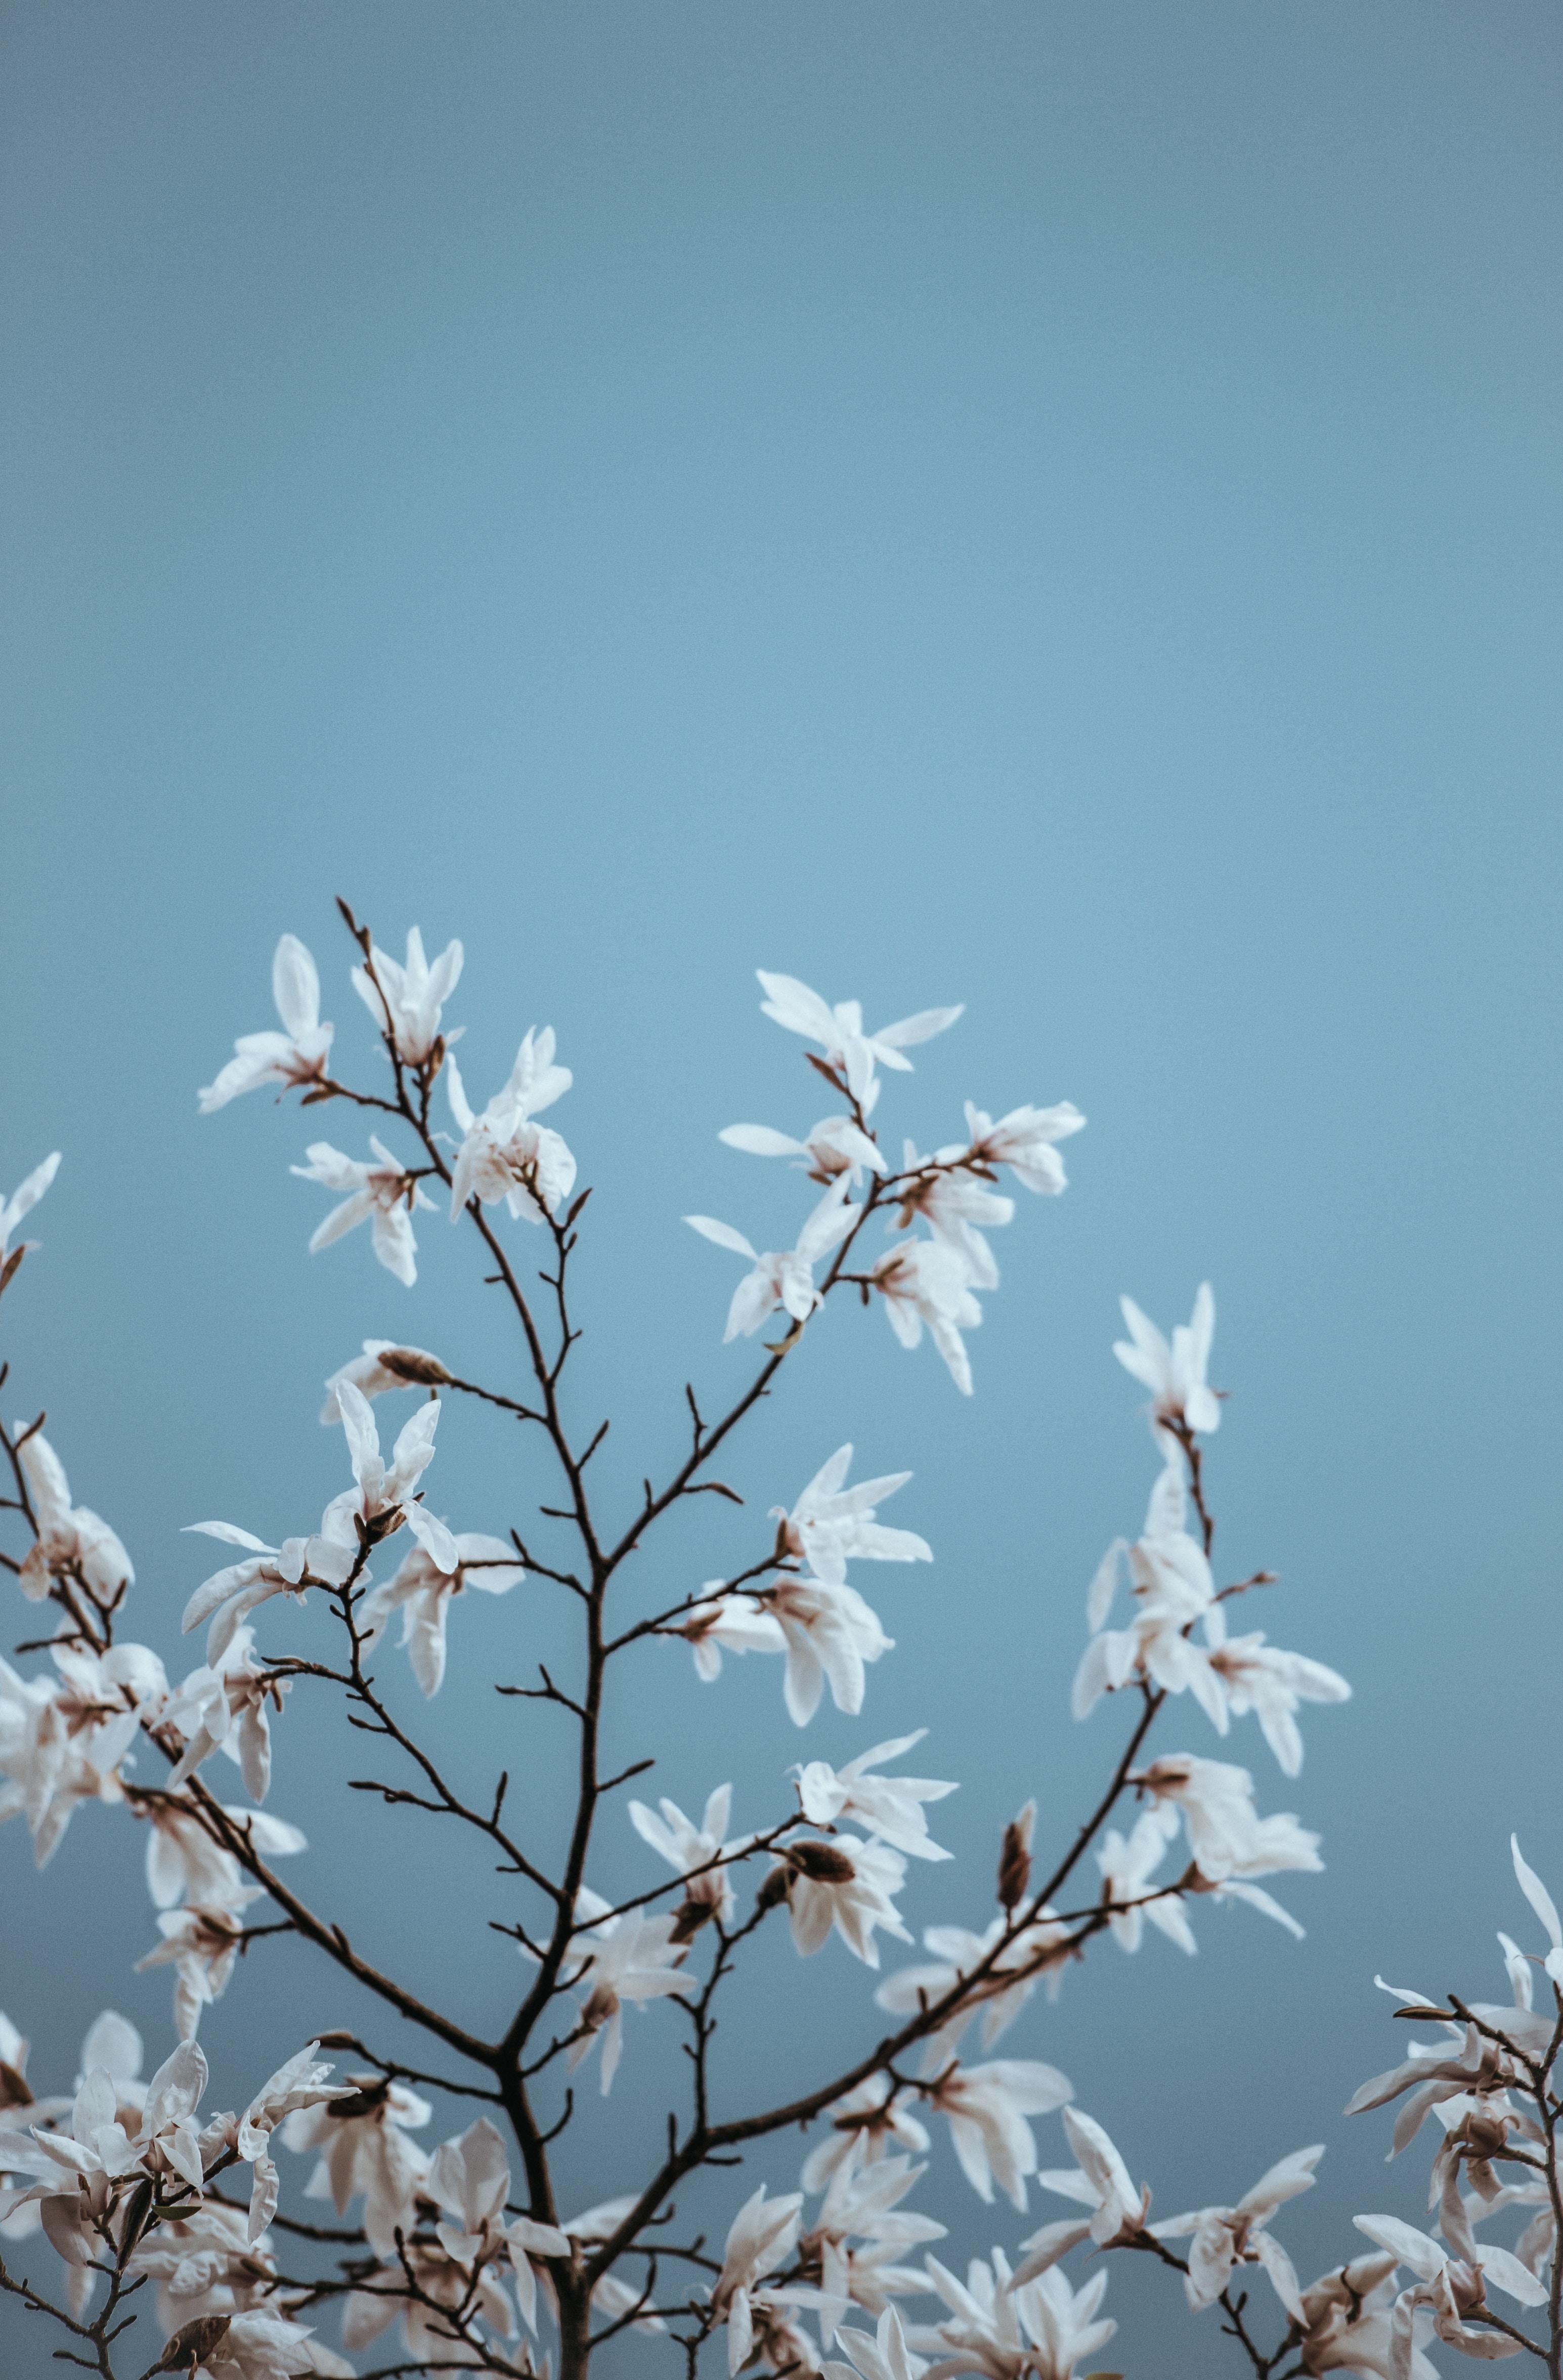 tilt shift photography of white leaves plant